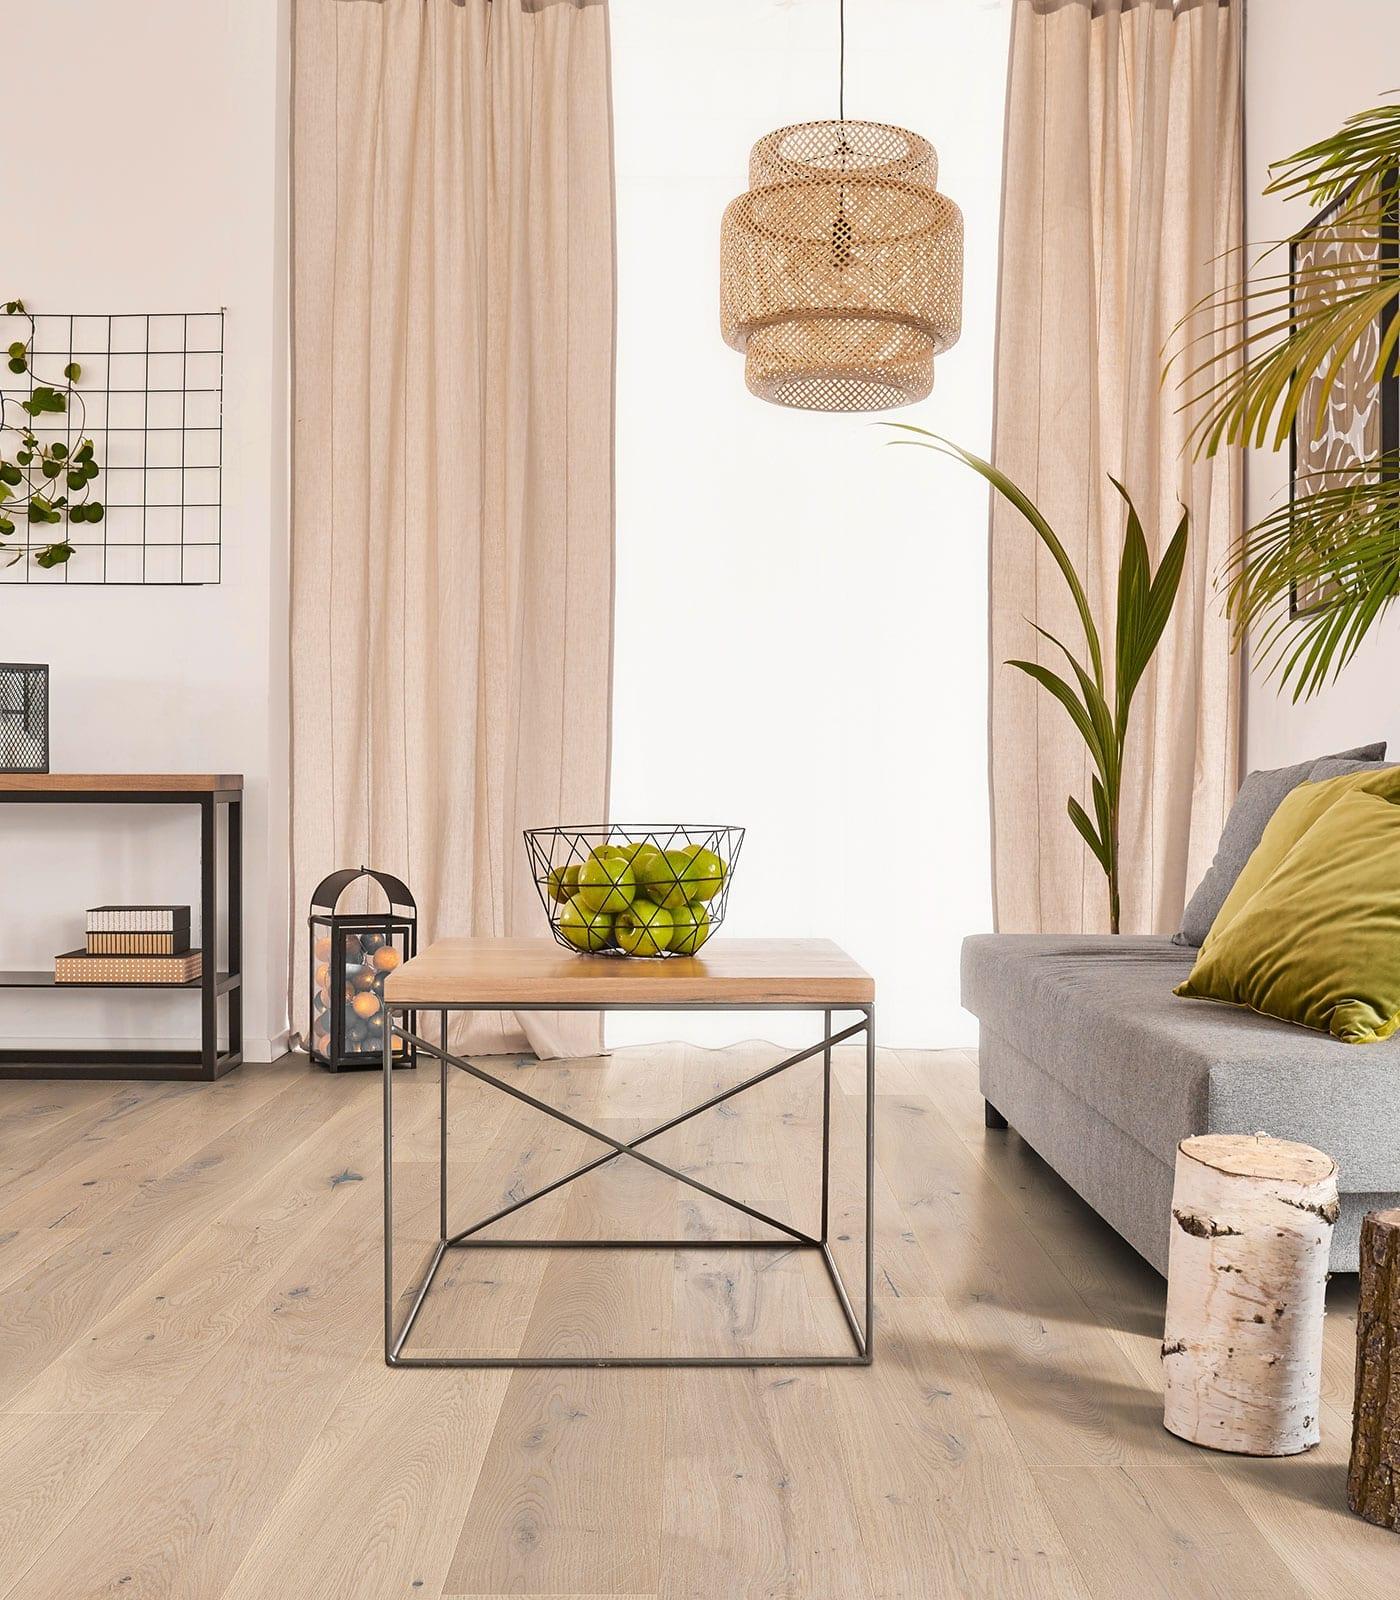 Andes-European engineered Oak floors